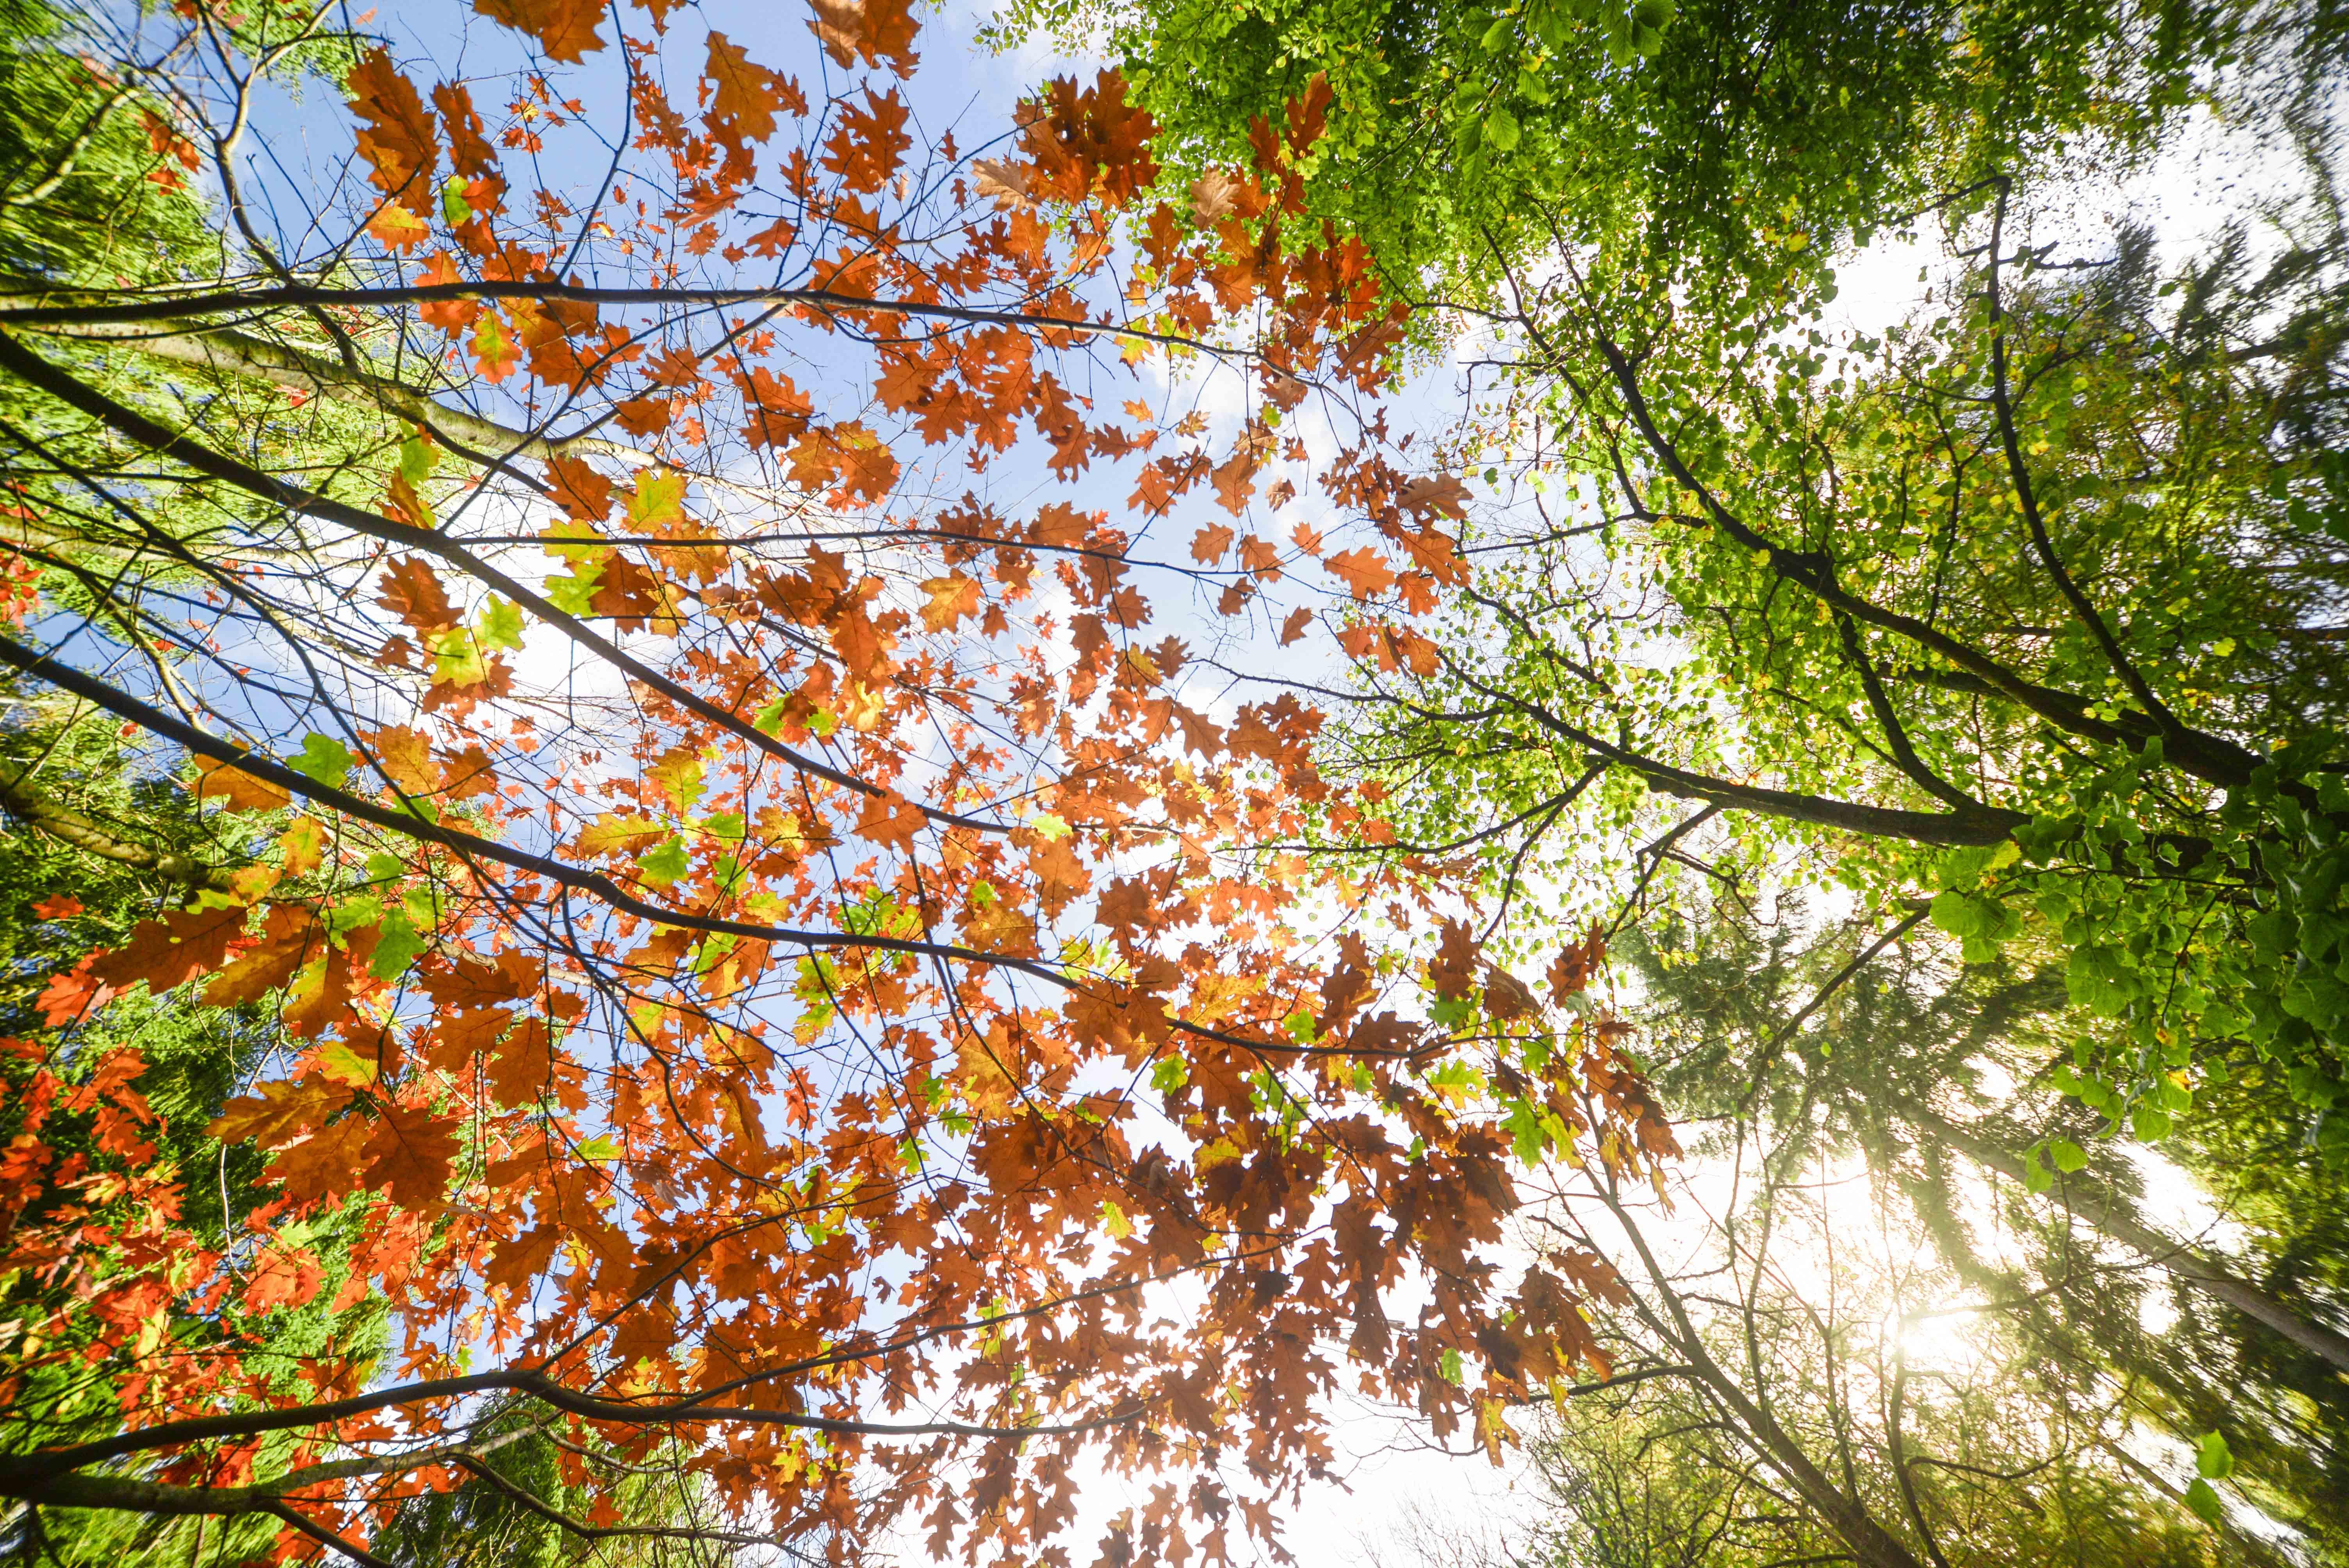 Kostenloses Stock Foto zu ahorn, ahornblätter, äste, bäume